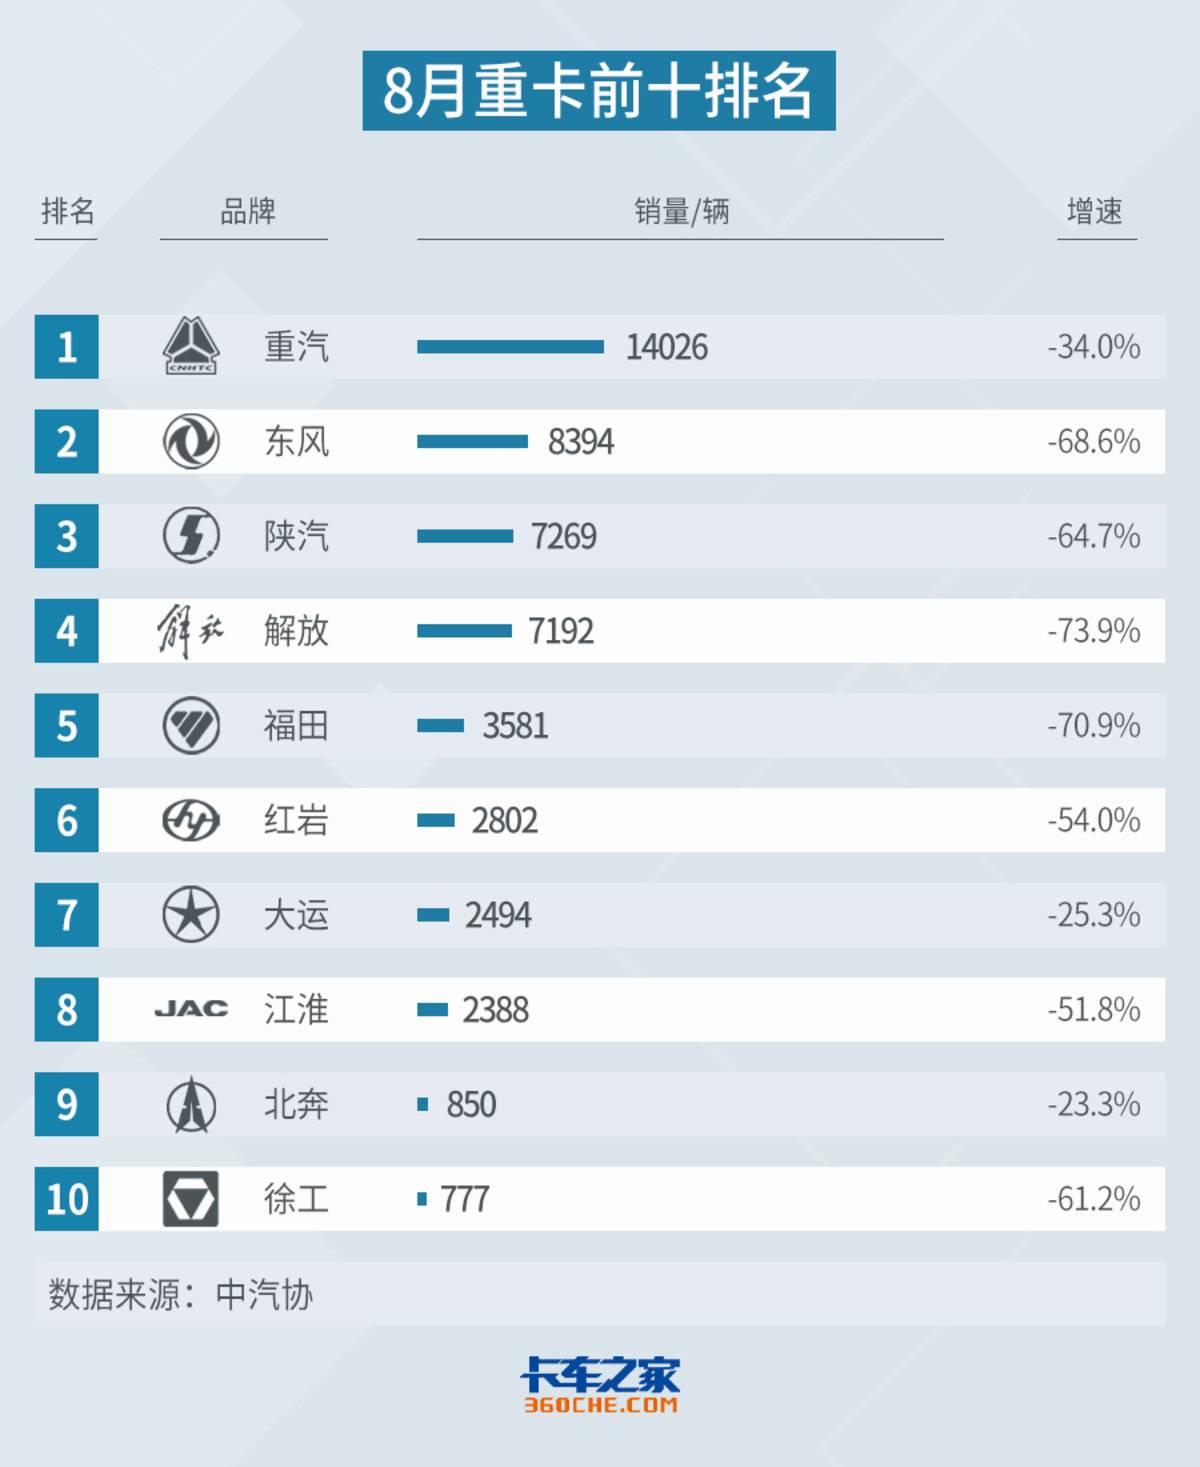 8月重卡排名:重汽升榜首解放下落至前十销量第四名